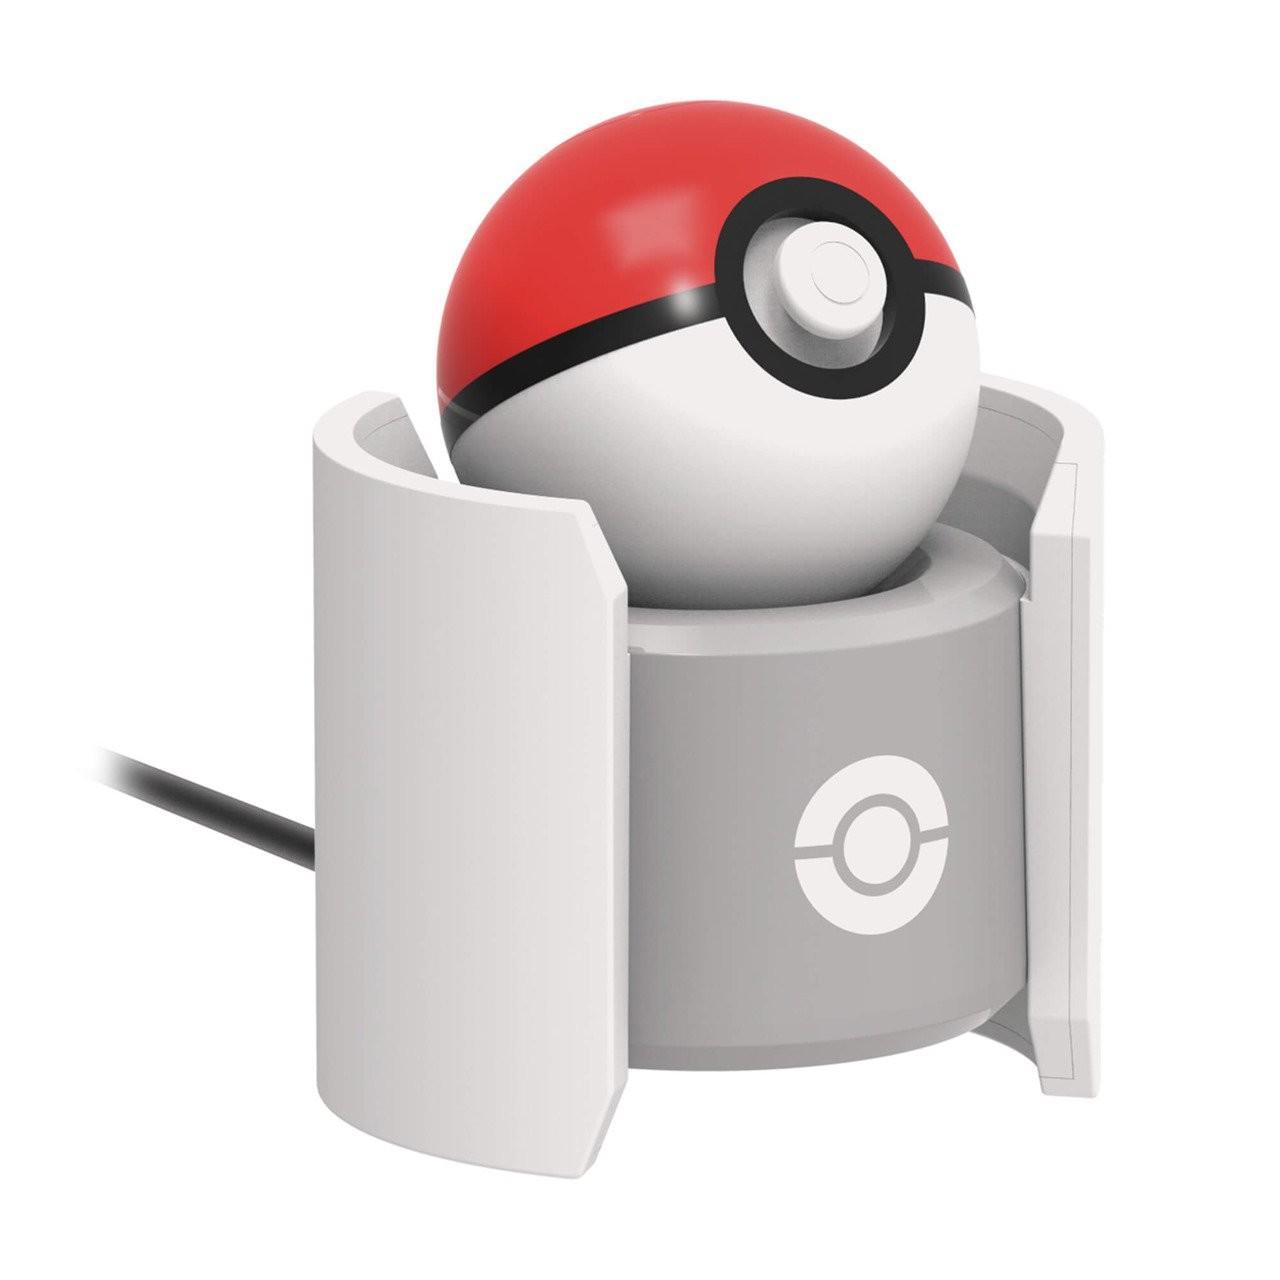 Foto de Pokémon: Let's GO - Accesorios Poké Ball Plus (5/10)